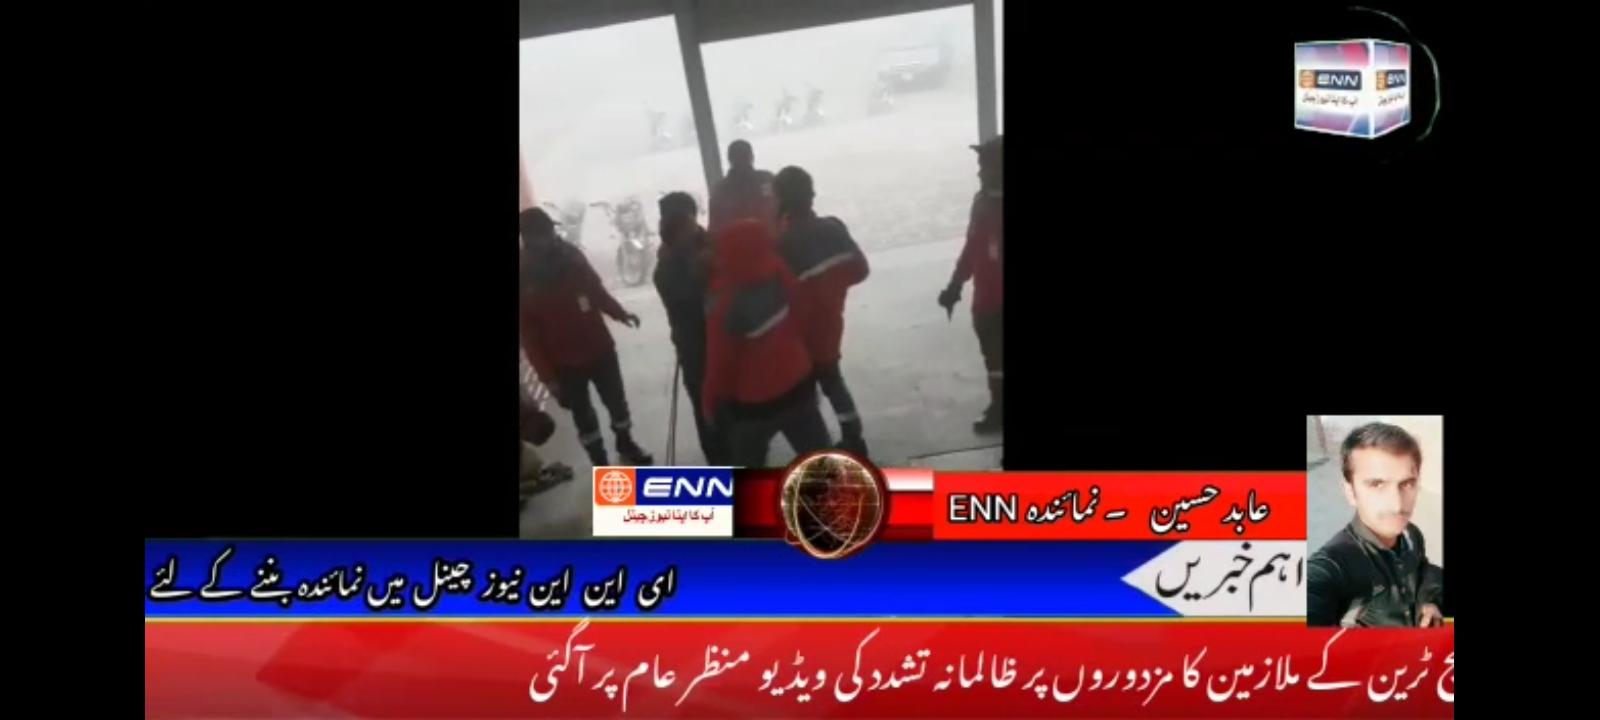 لاہور اورنج ٹرین کے ملازمین کا مزدوروں پر ظالمانہ تشدد